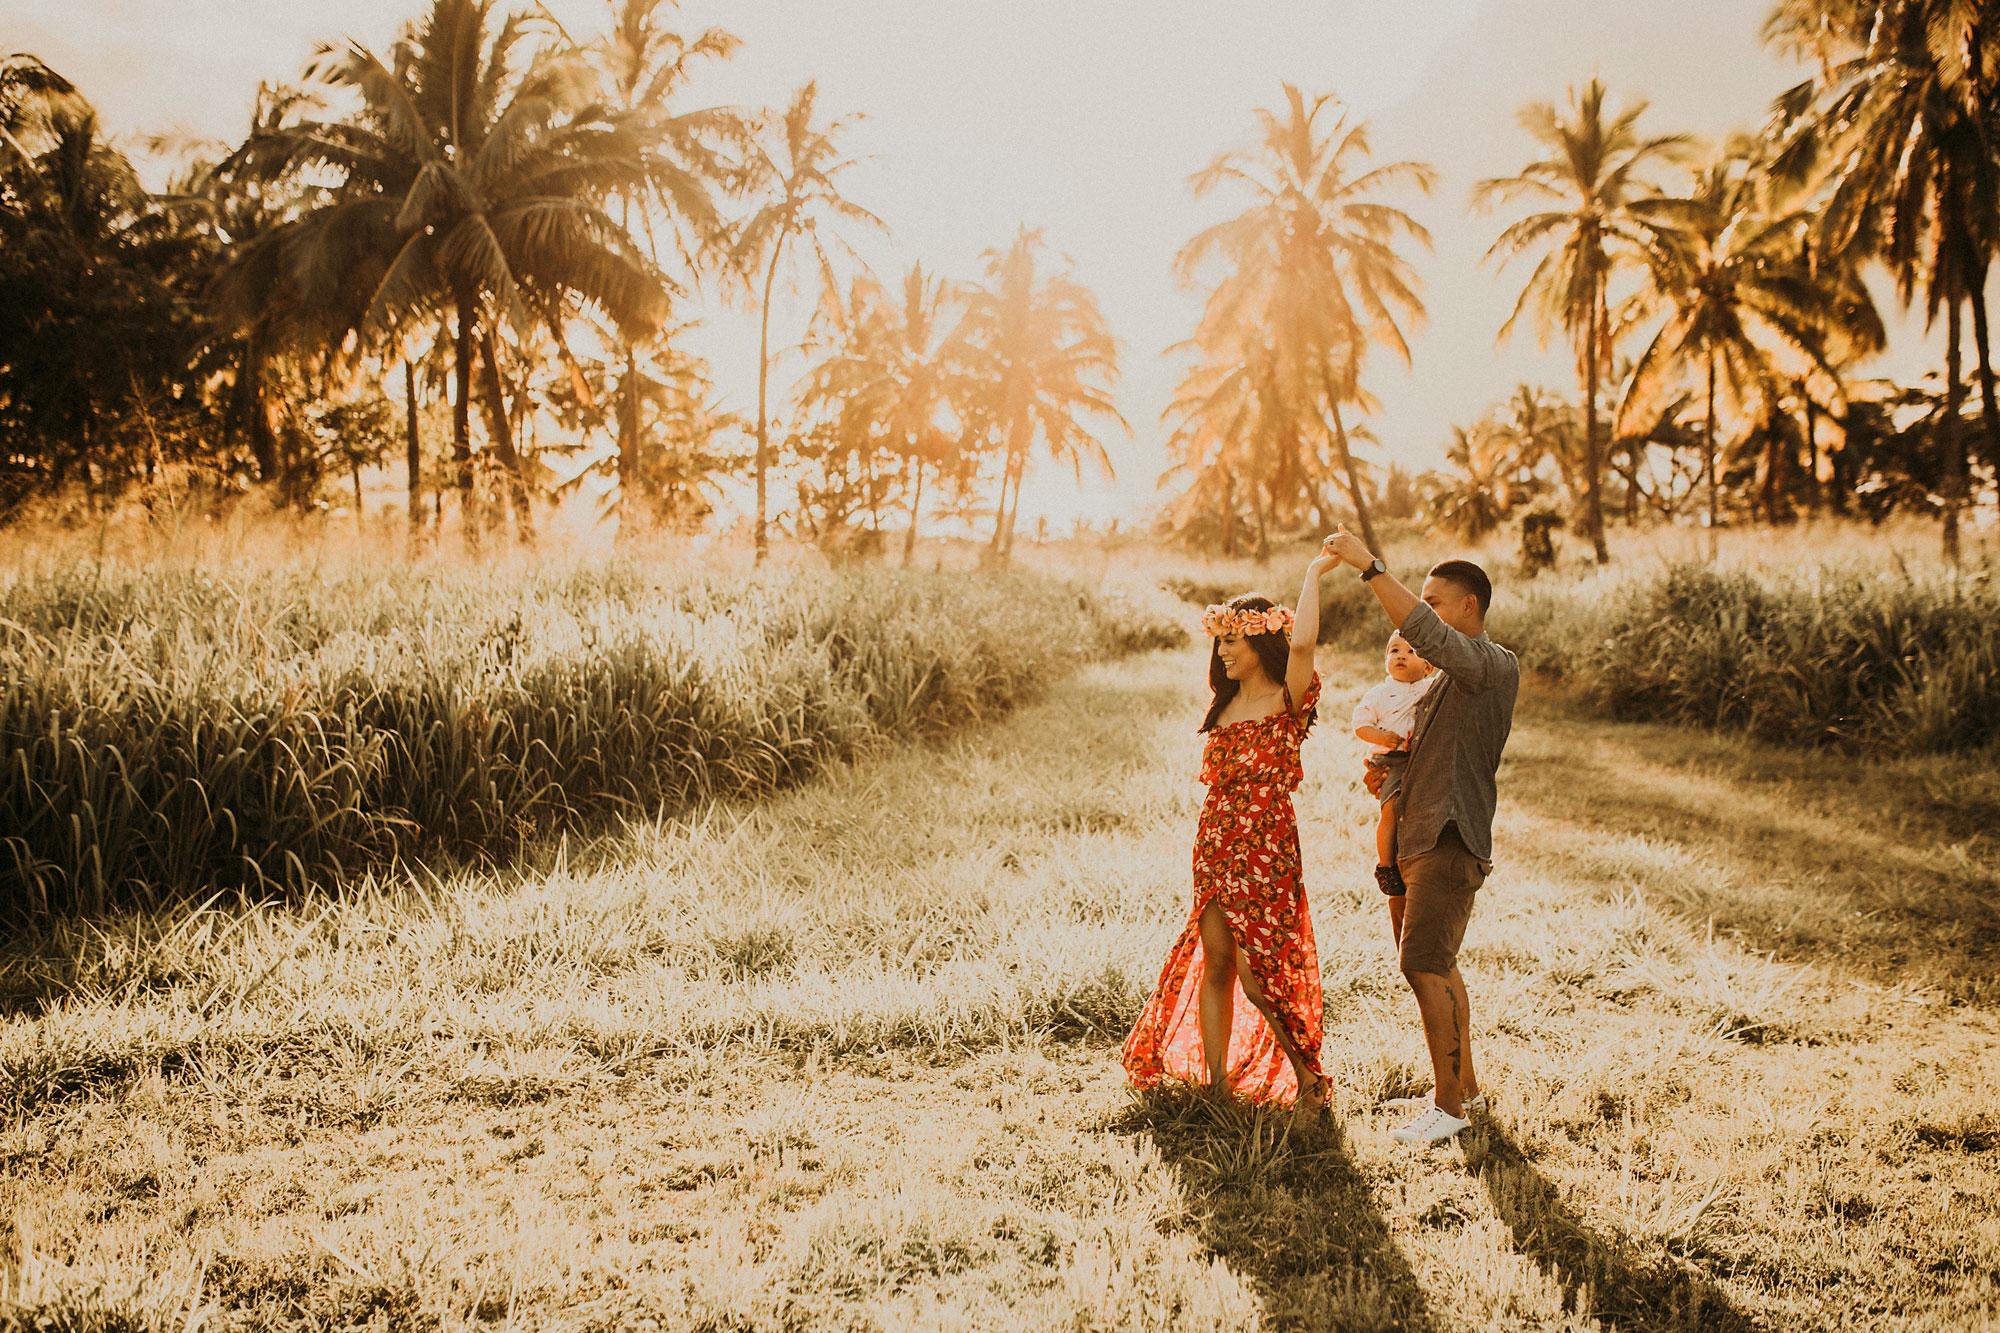 palm-tree-jungle-oahu-family-photographer-05.jpg